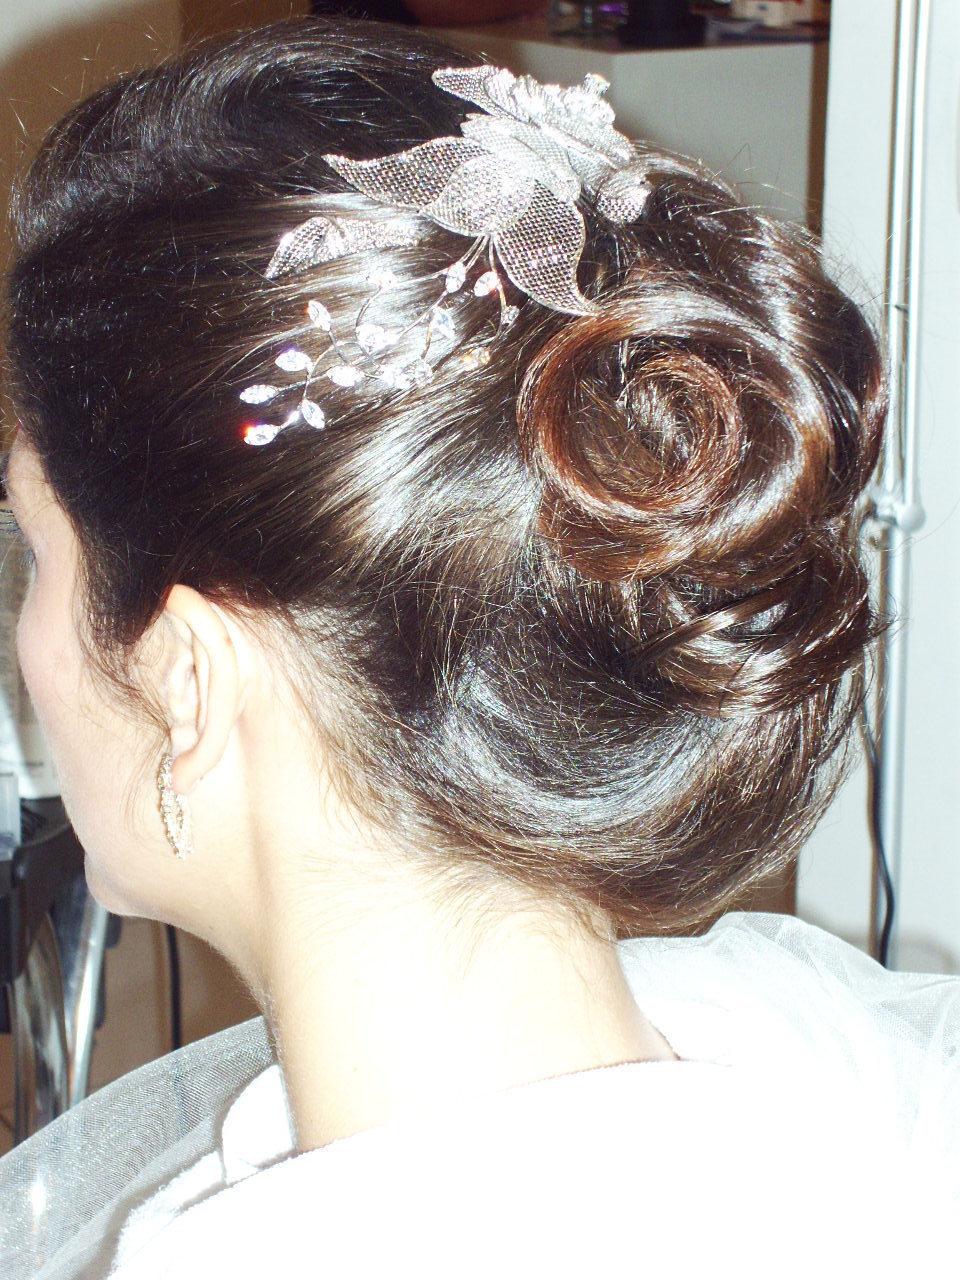 este e o 2 teste de penteado com outo arranjo vejam a luz nos detalhes do penteado cabeleireiro(a) docente / professor(a) maquiador(a) stylist /visagista